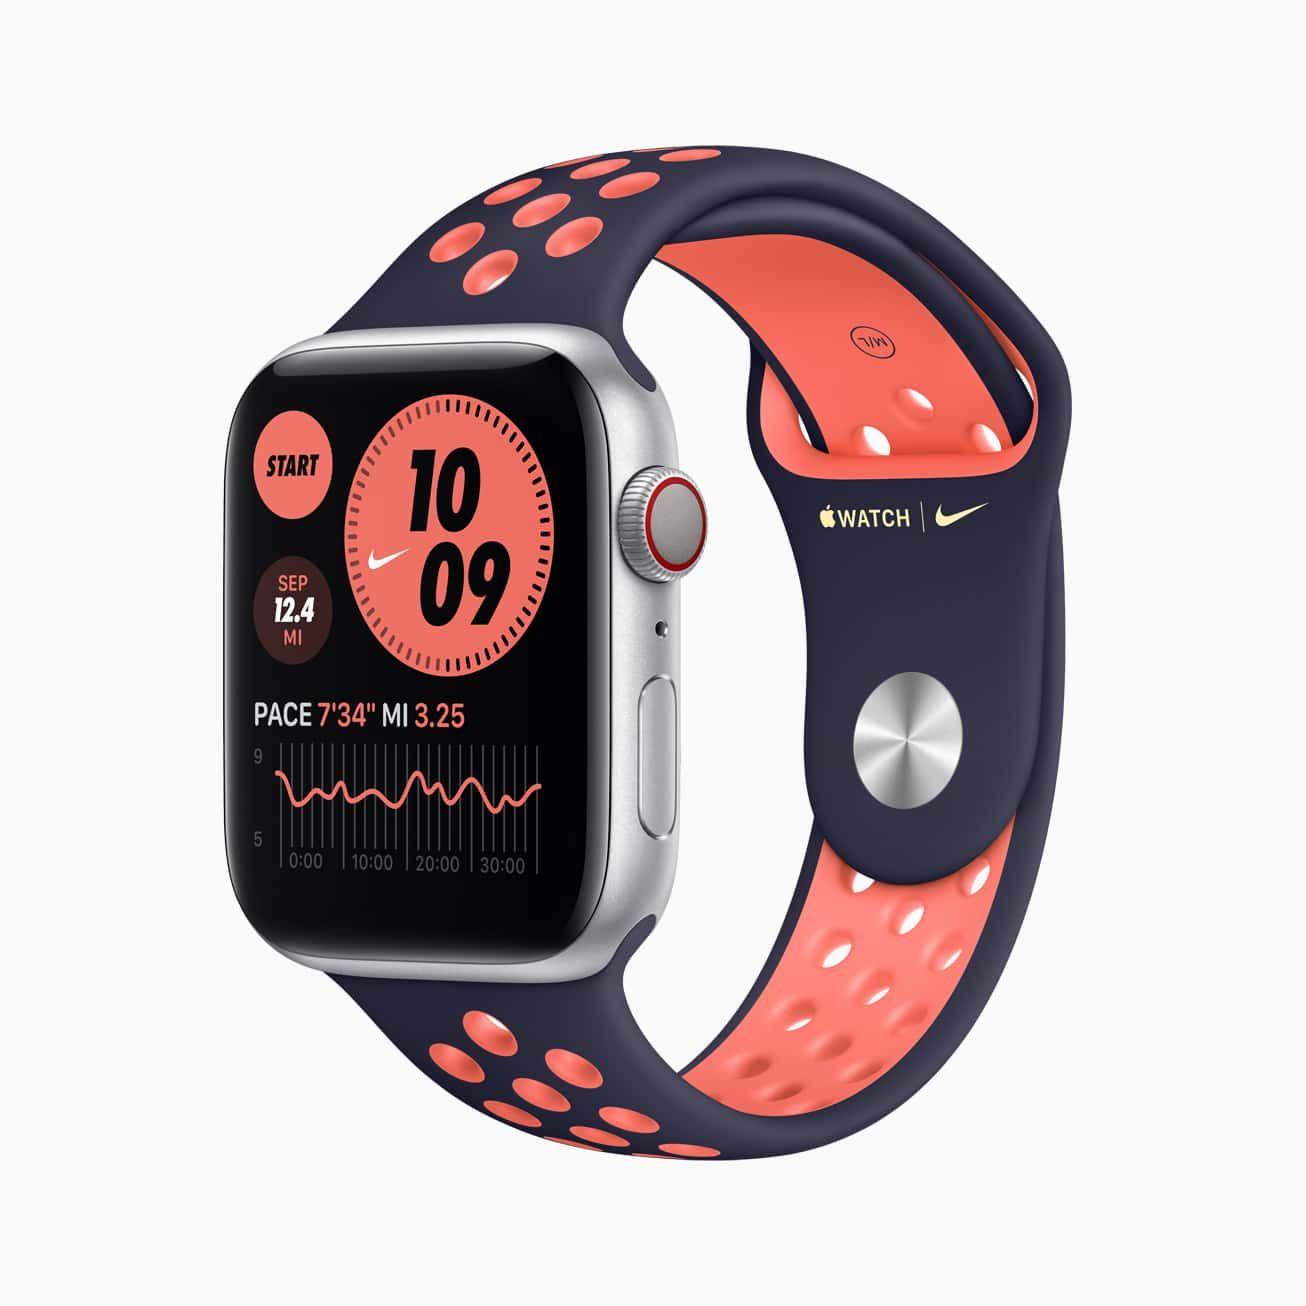 Pin By Julie Silver On Apple Watch In 2020 Apple Watch Nike Apple Watch Apple Watch Series